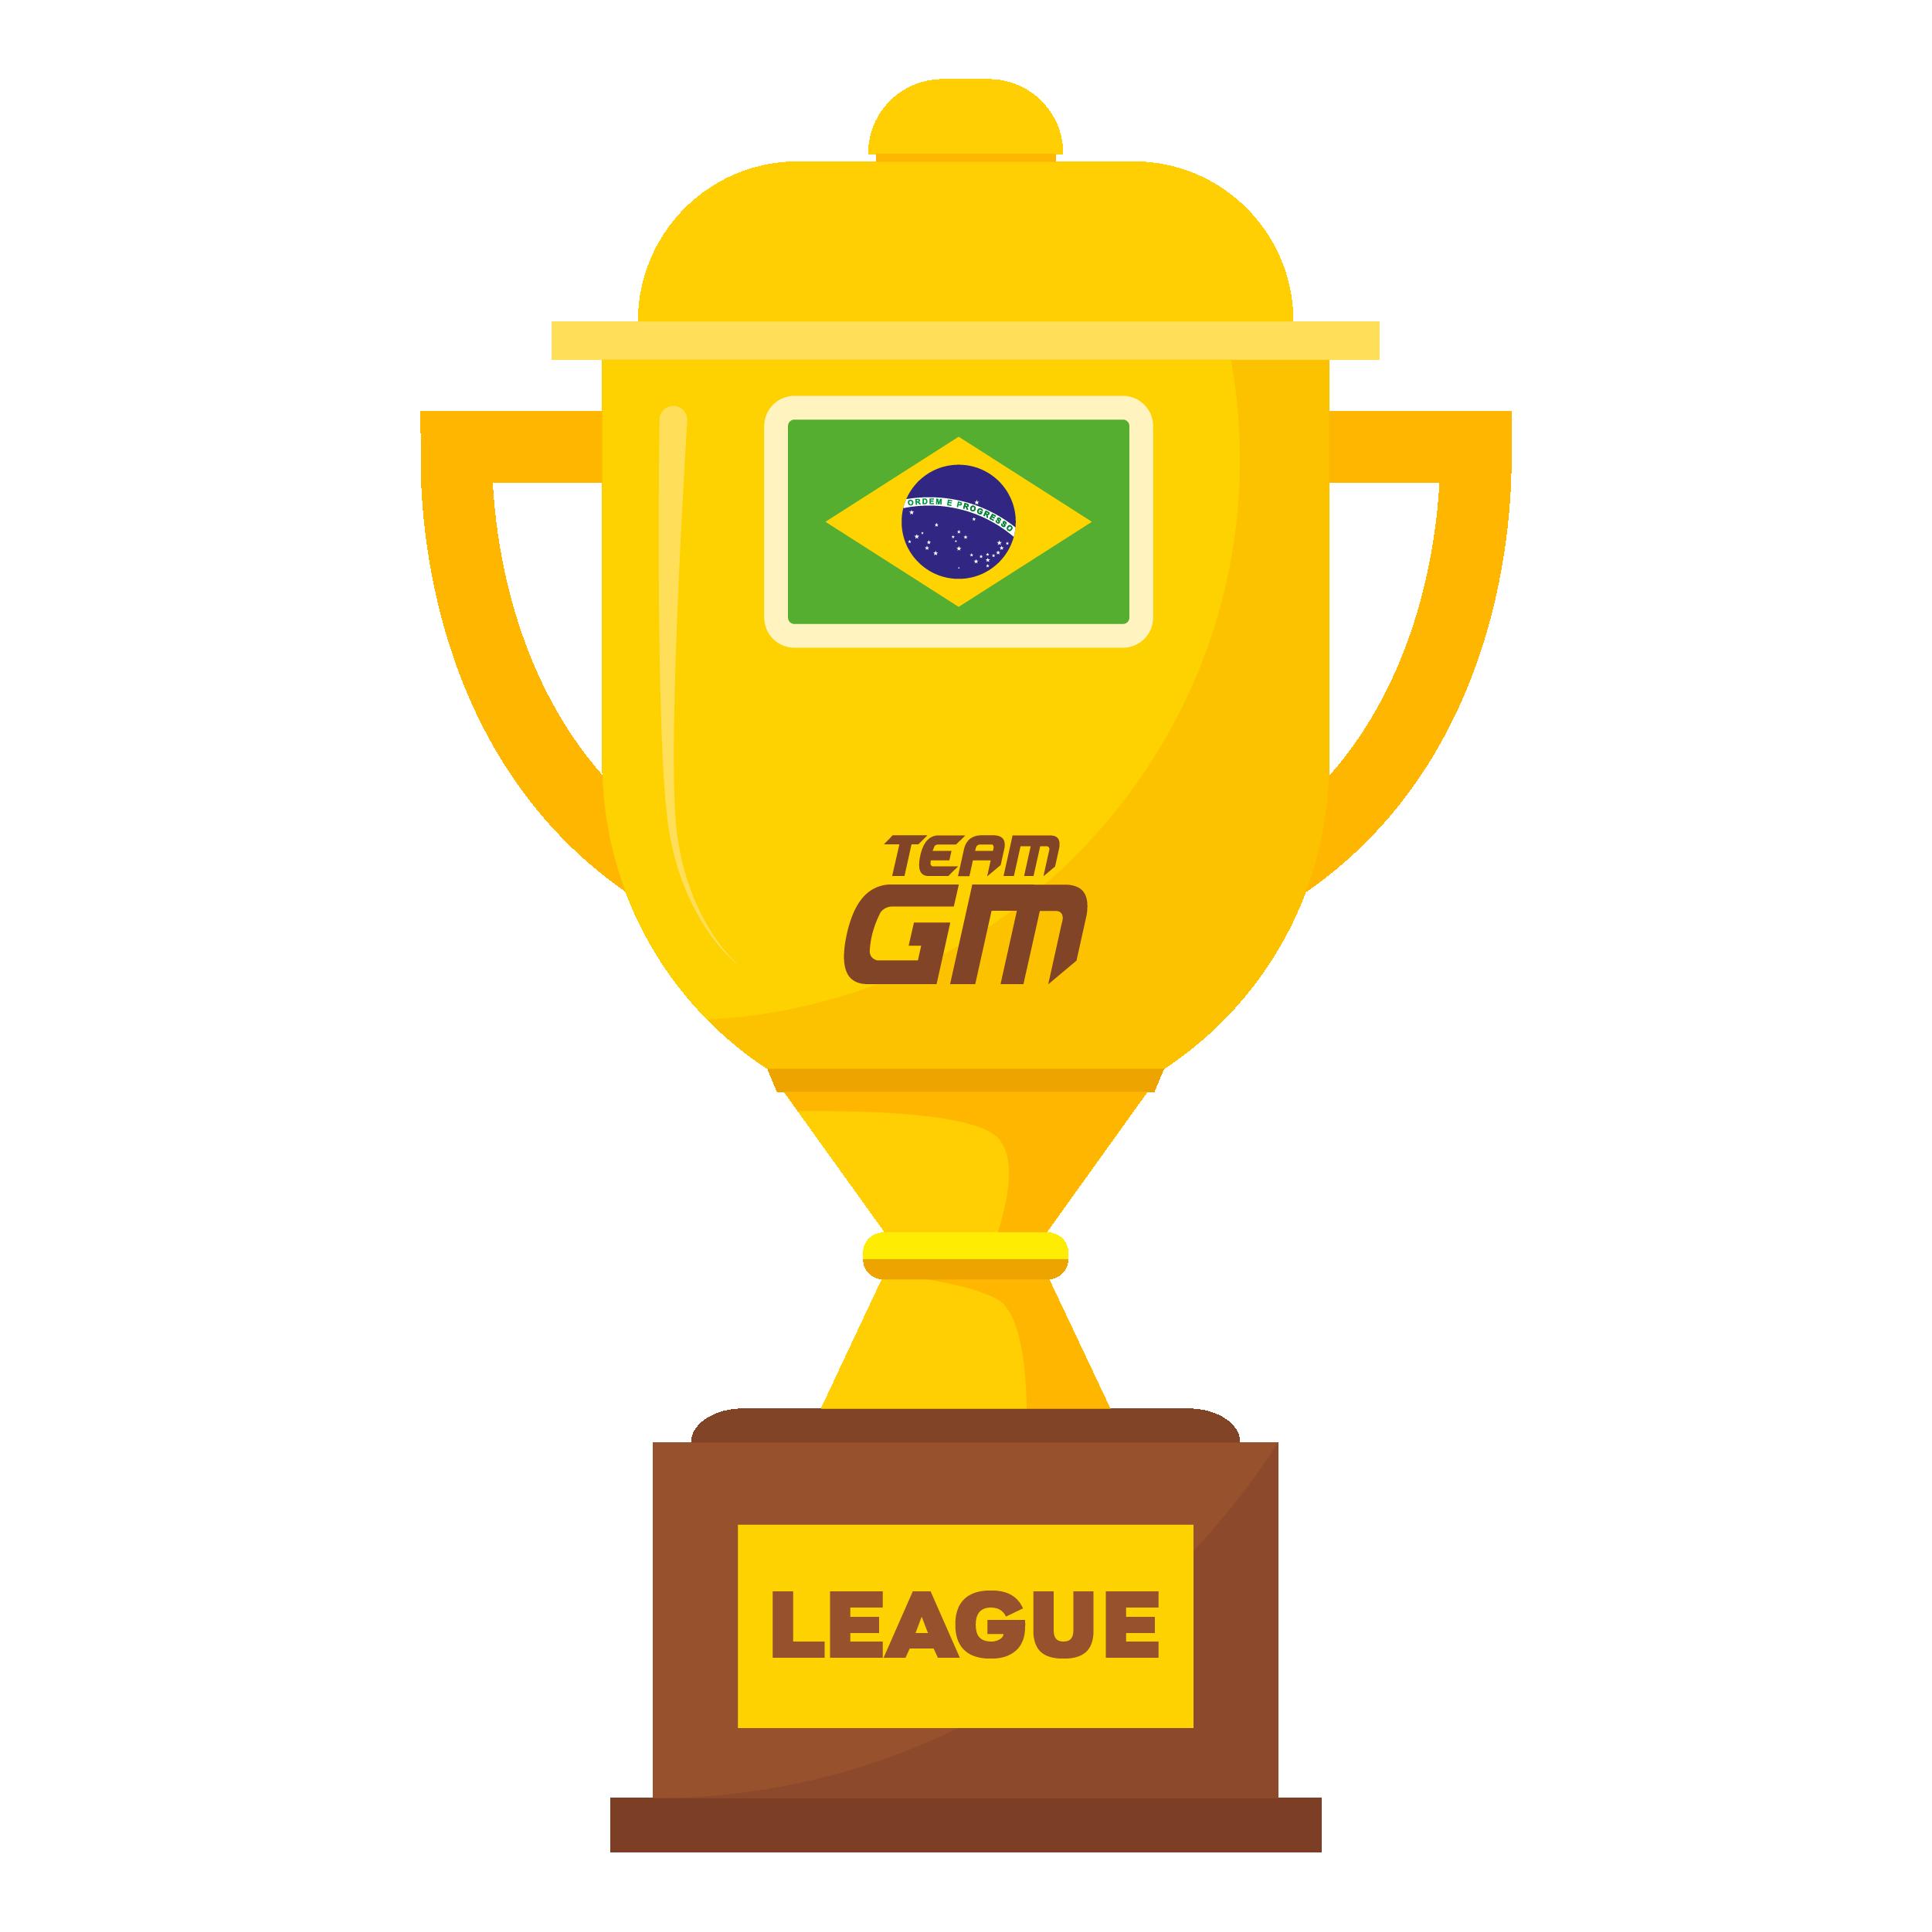 12TH - BRAZILIAN SUPER LEAGUE